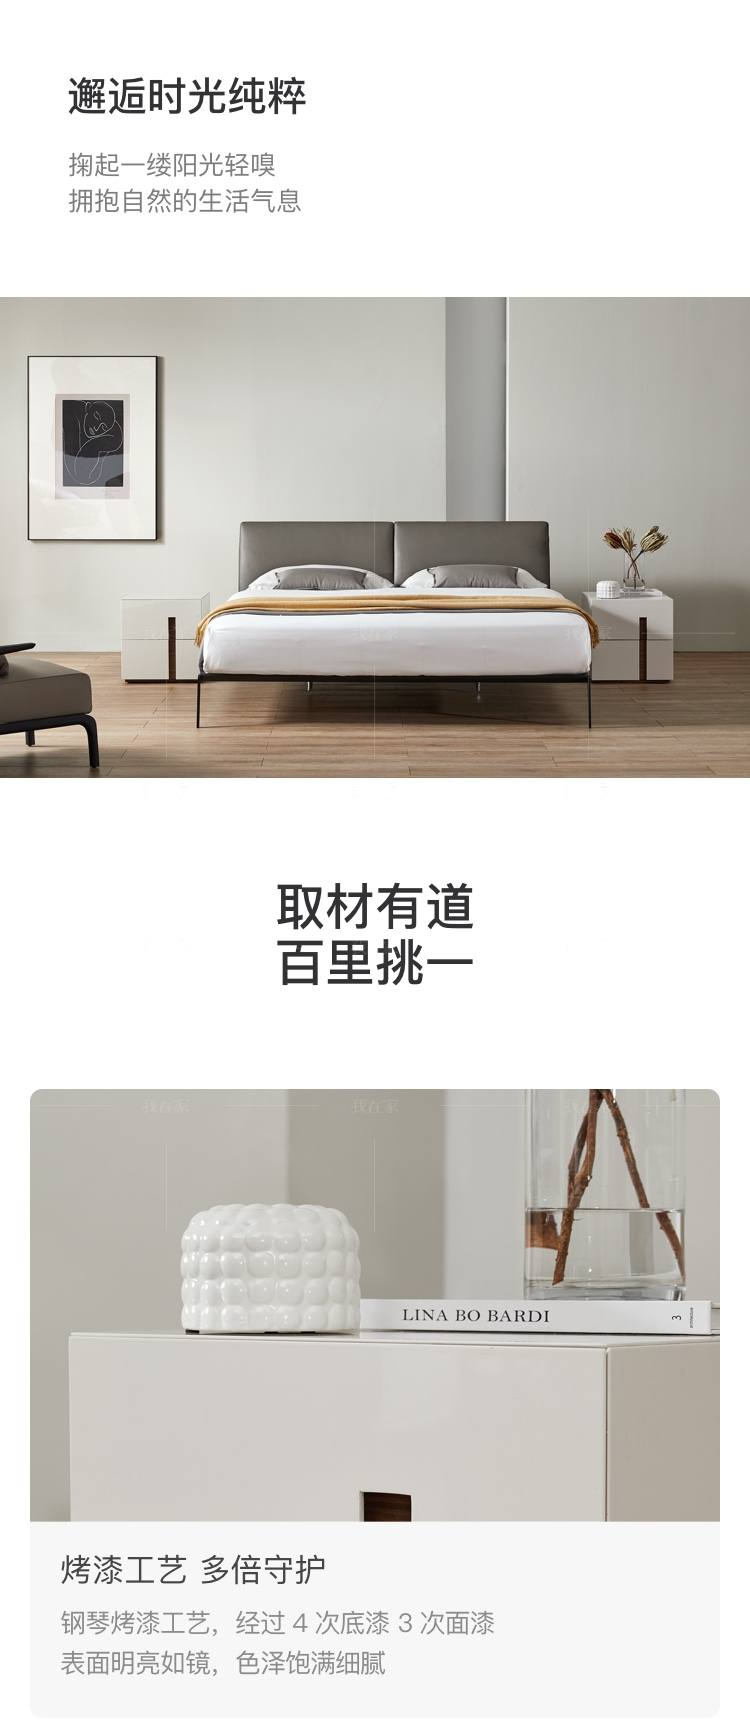 意式极简风格高斯床头柜的家具详细介绍